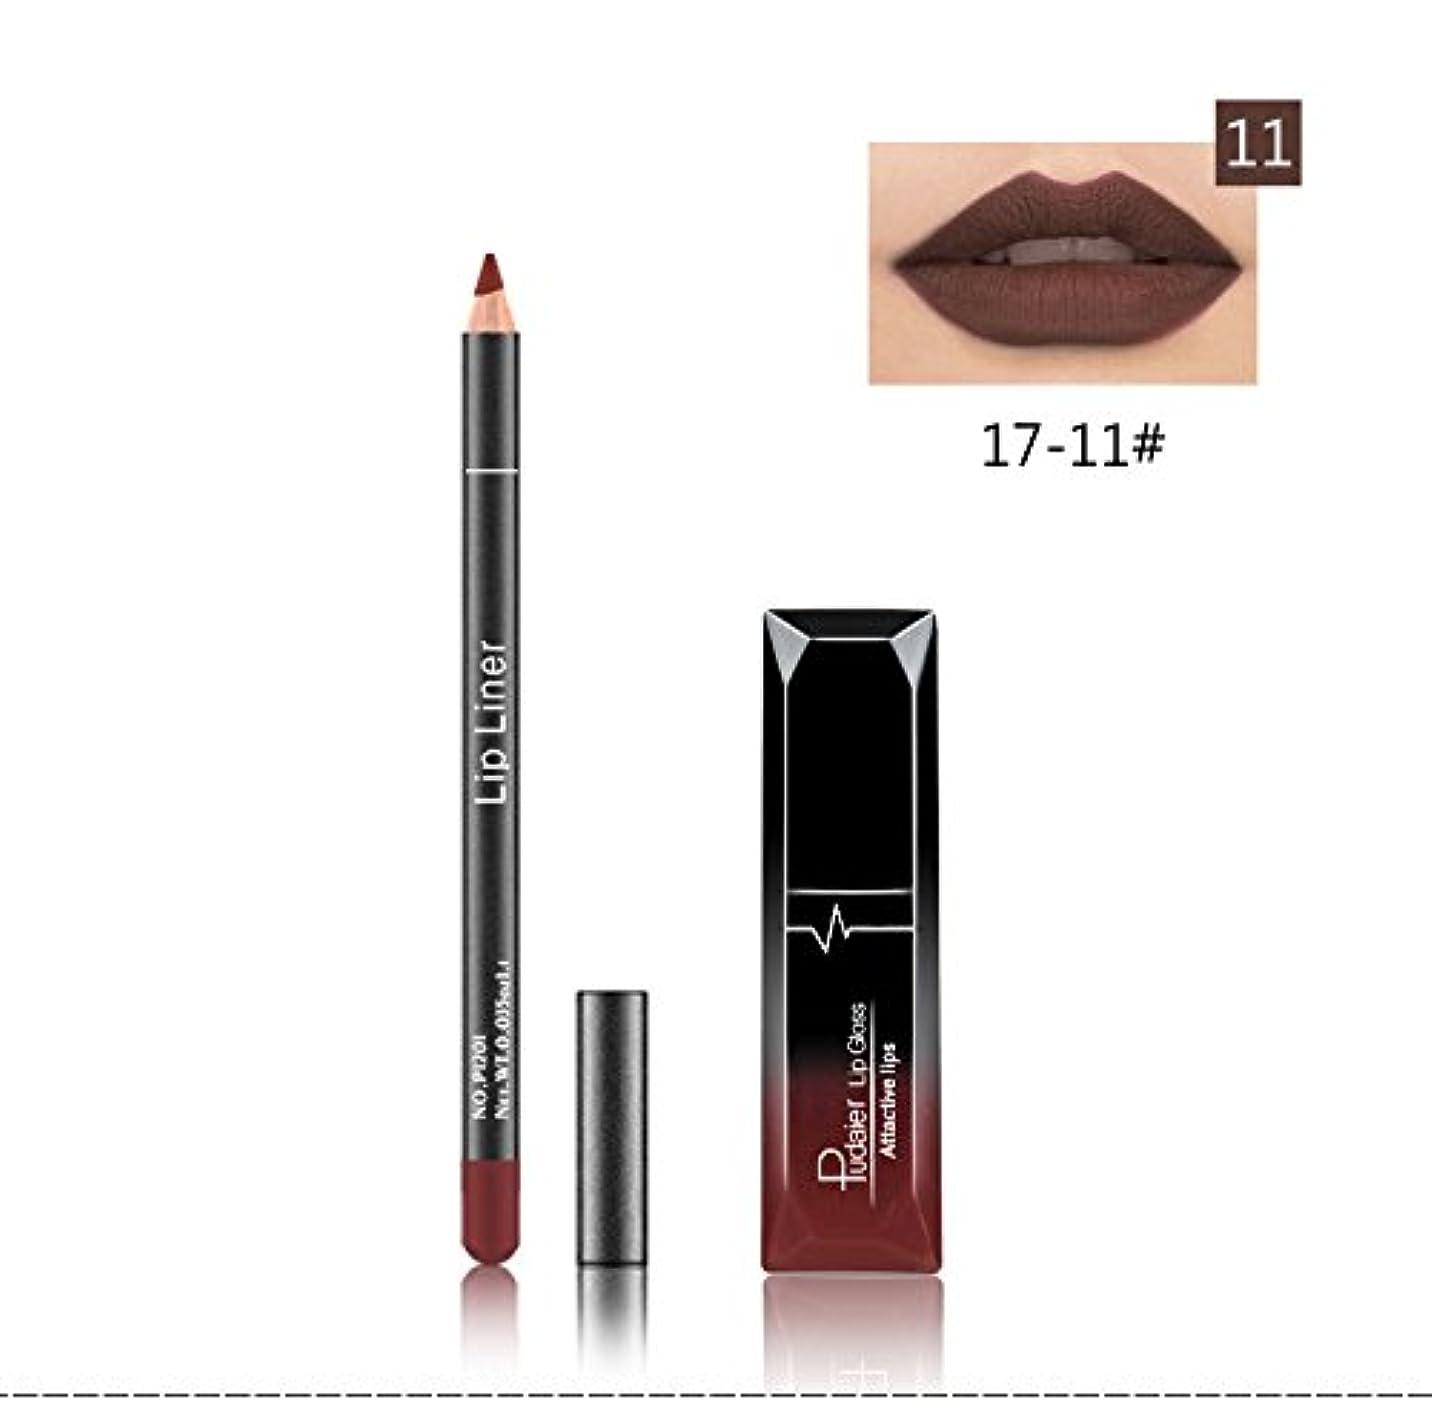 短命知覚できるプレゼンテーション(11) Pudaier 1pc Matte Liquid Lipstick Cosmetic Lip Kit+ 1 Pc Nude Lip Liner Pencil MakeUp Set Waterproof Long...